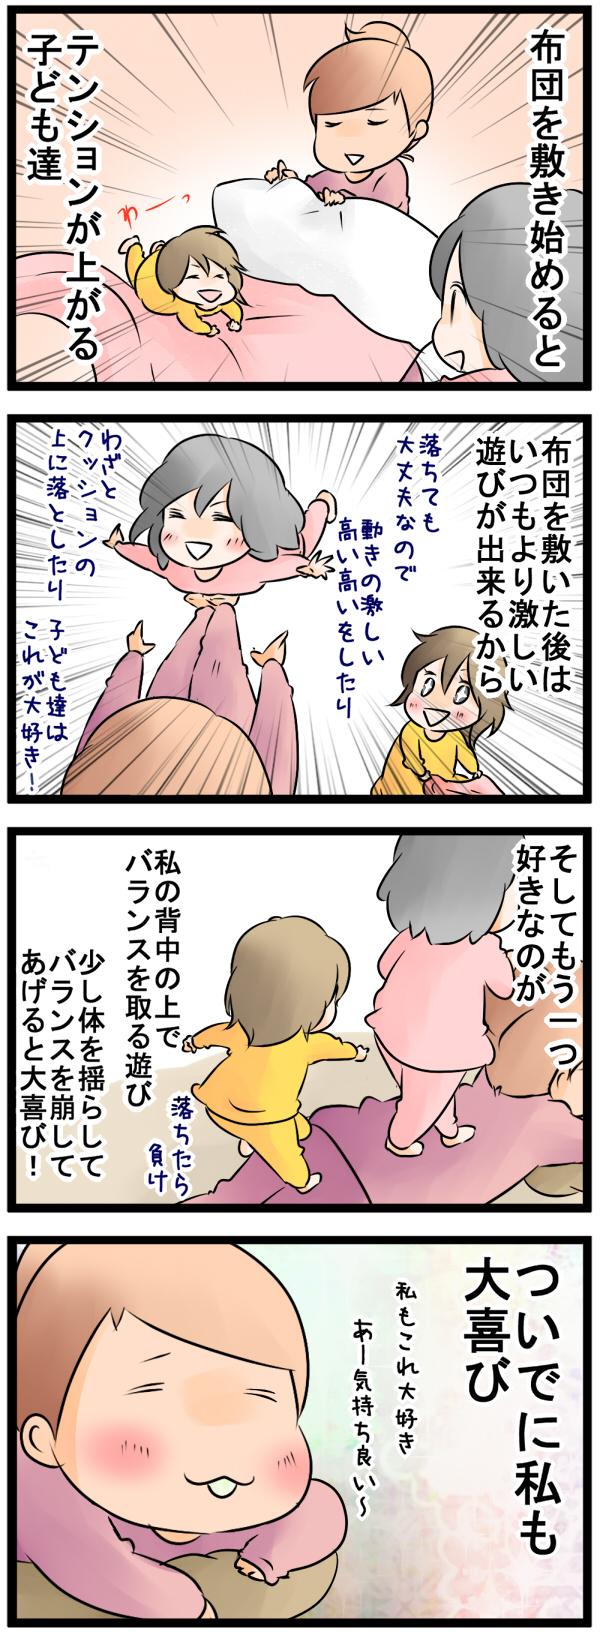 その手があったか!子どもは楽しい・親は楽チン「寝る前の遊び」のススメの画像1